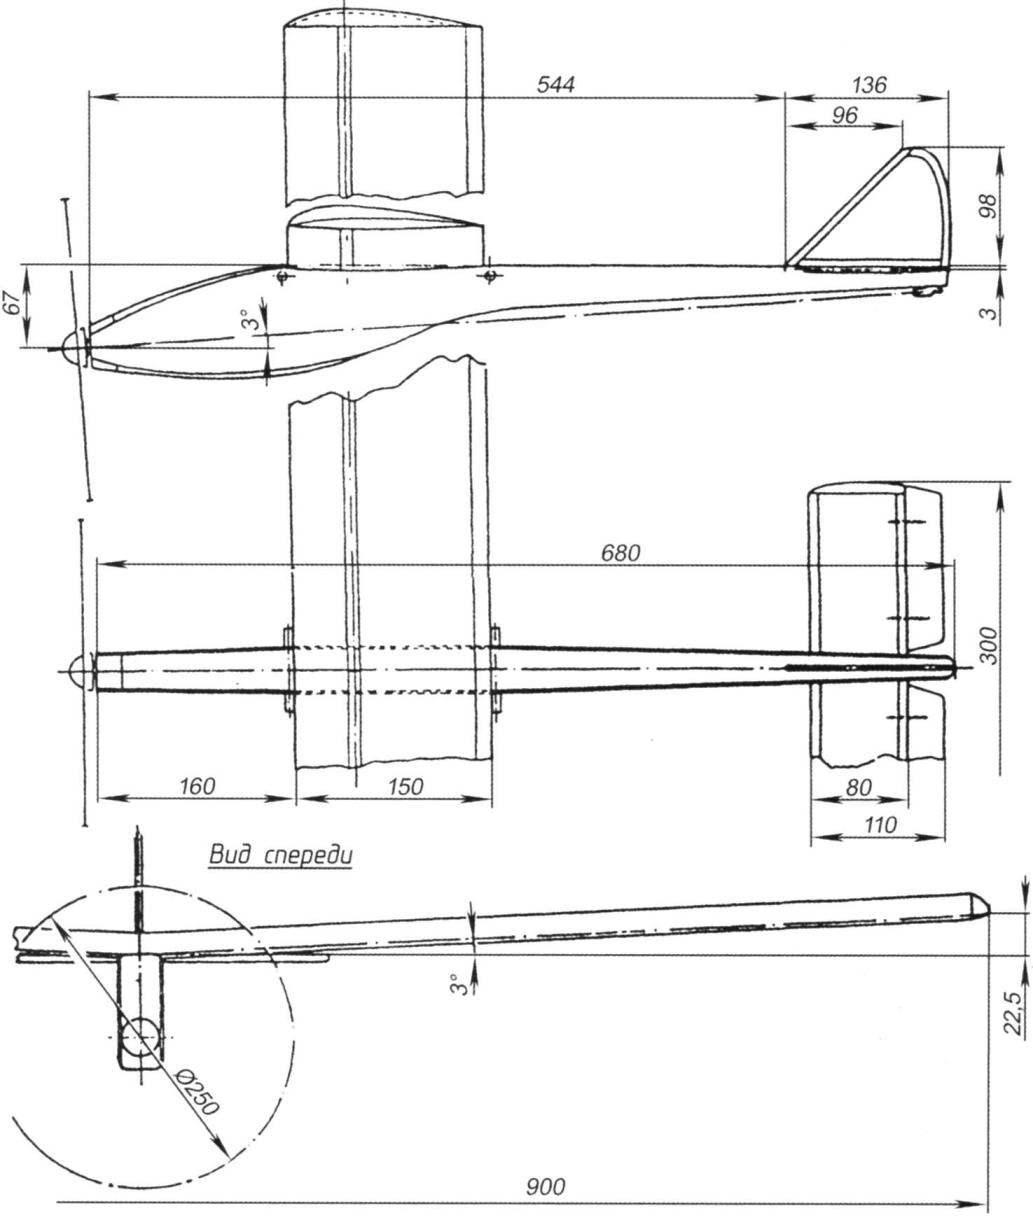 Геометрическая схема универсальной свободнолетающей модели